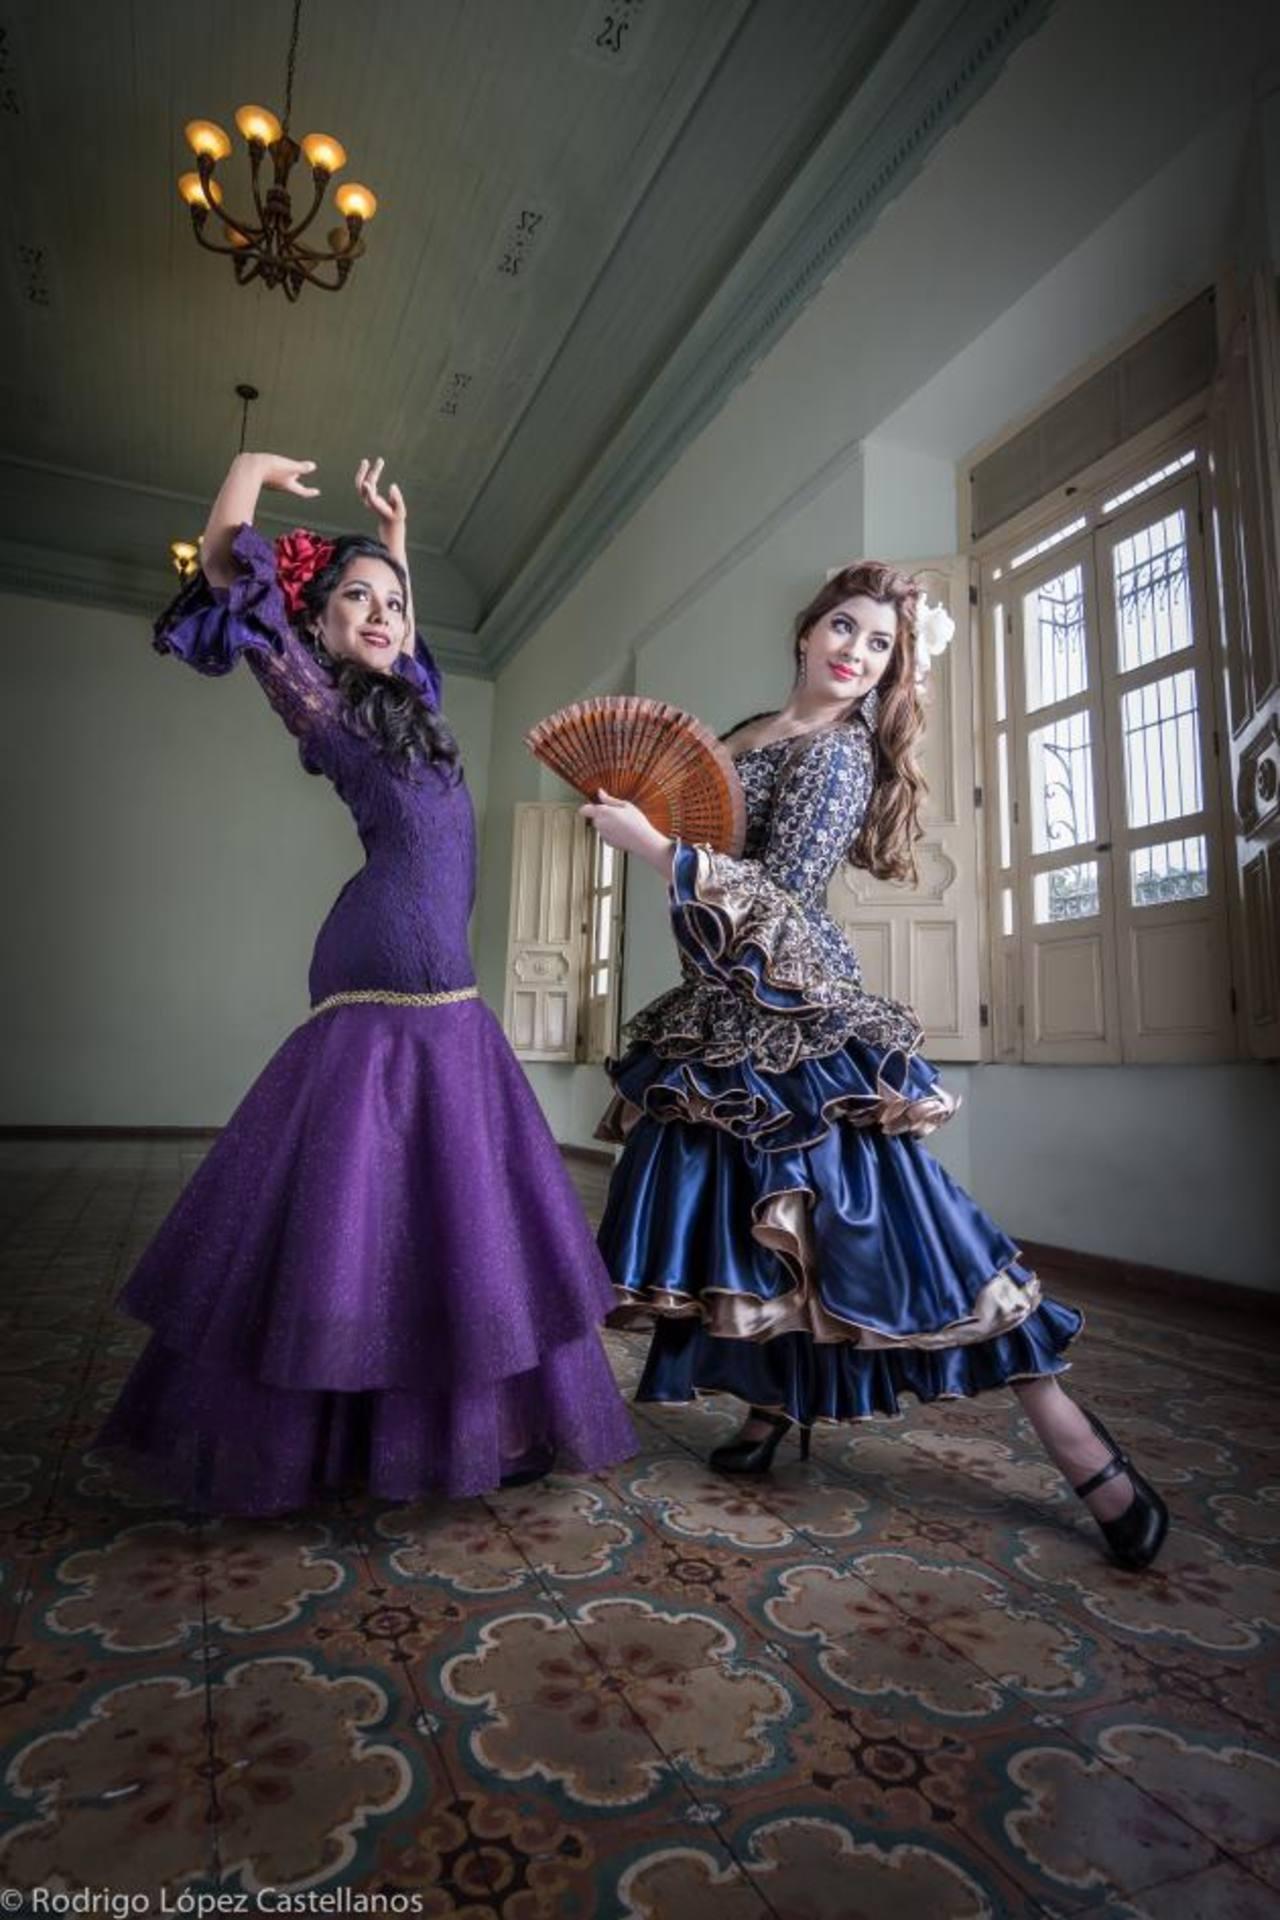 Españolerías, zarzuela en la ópera salvadoreña